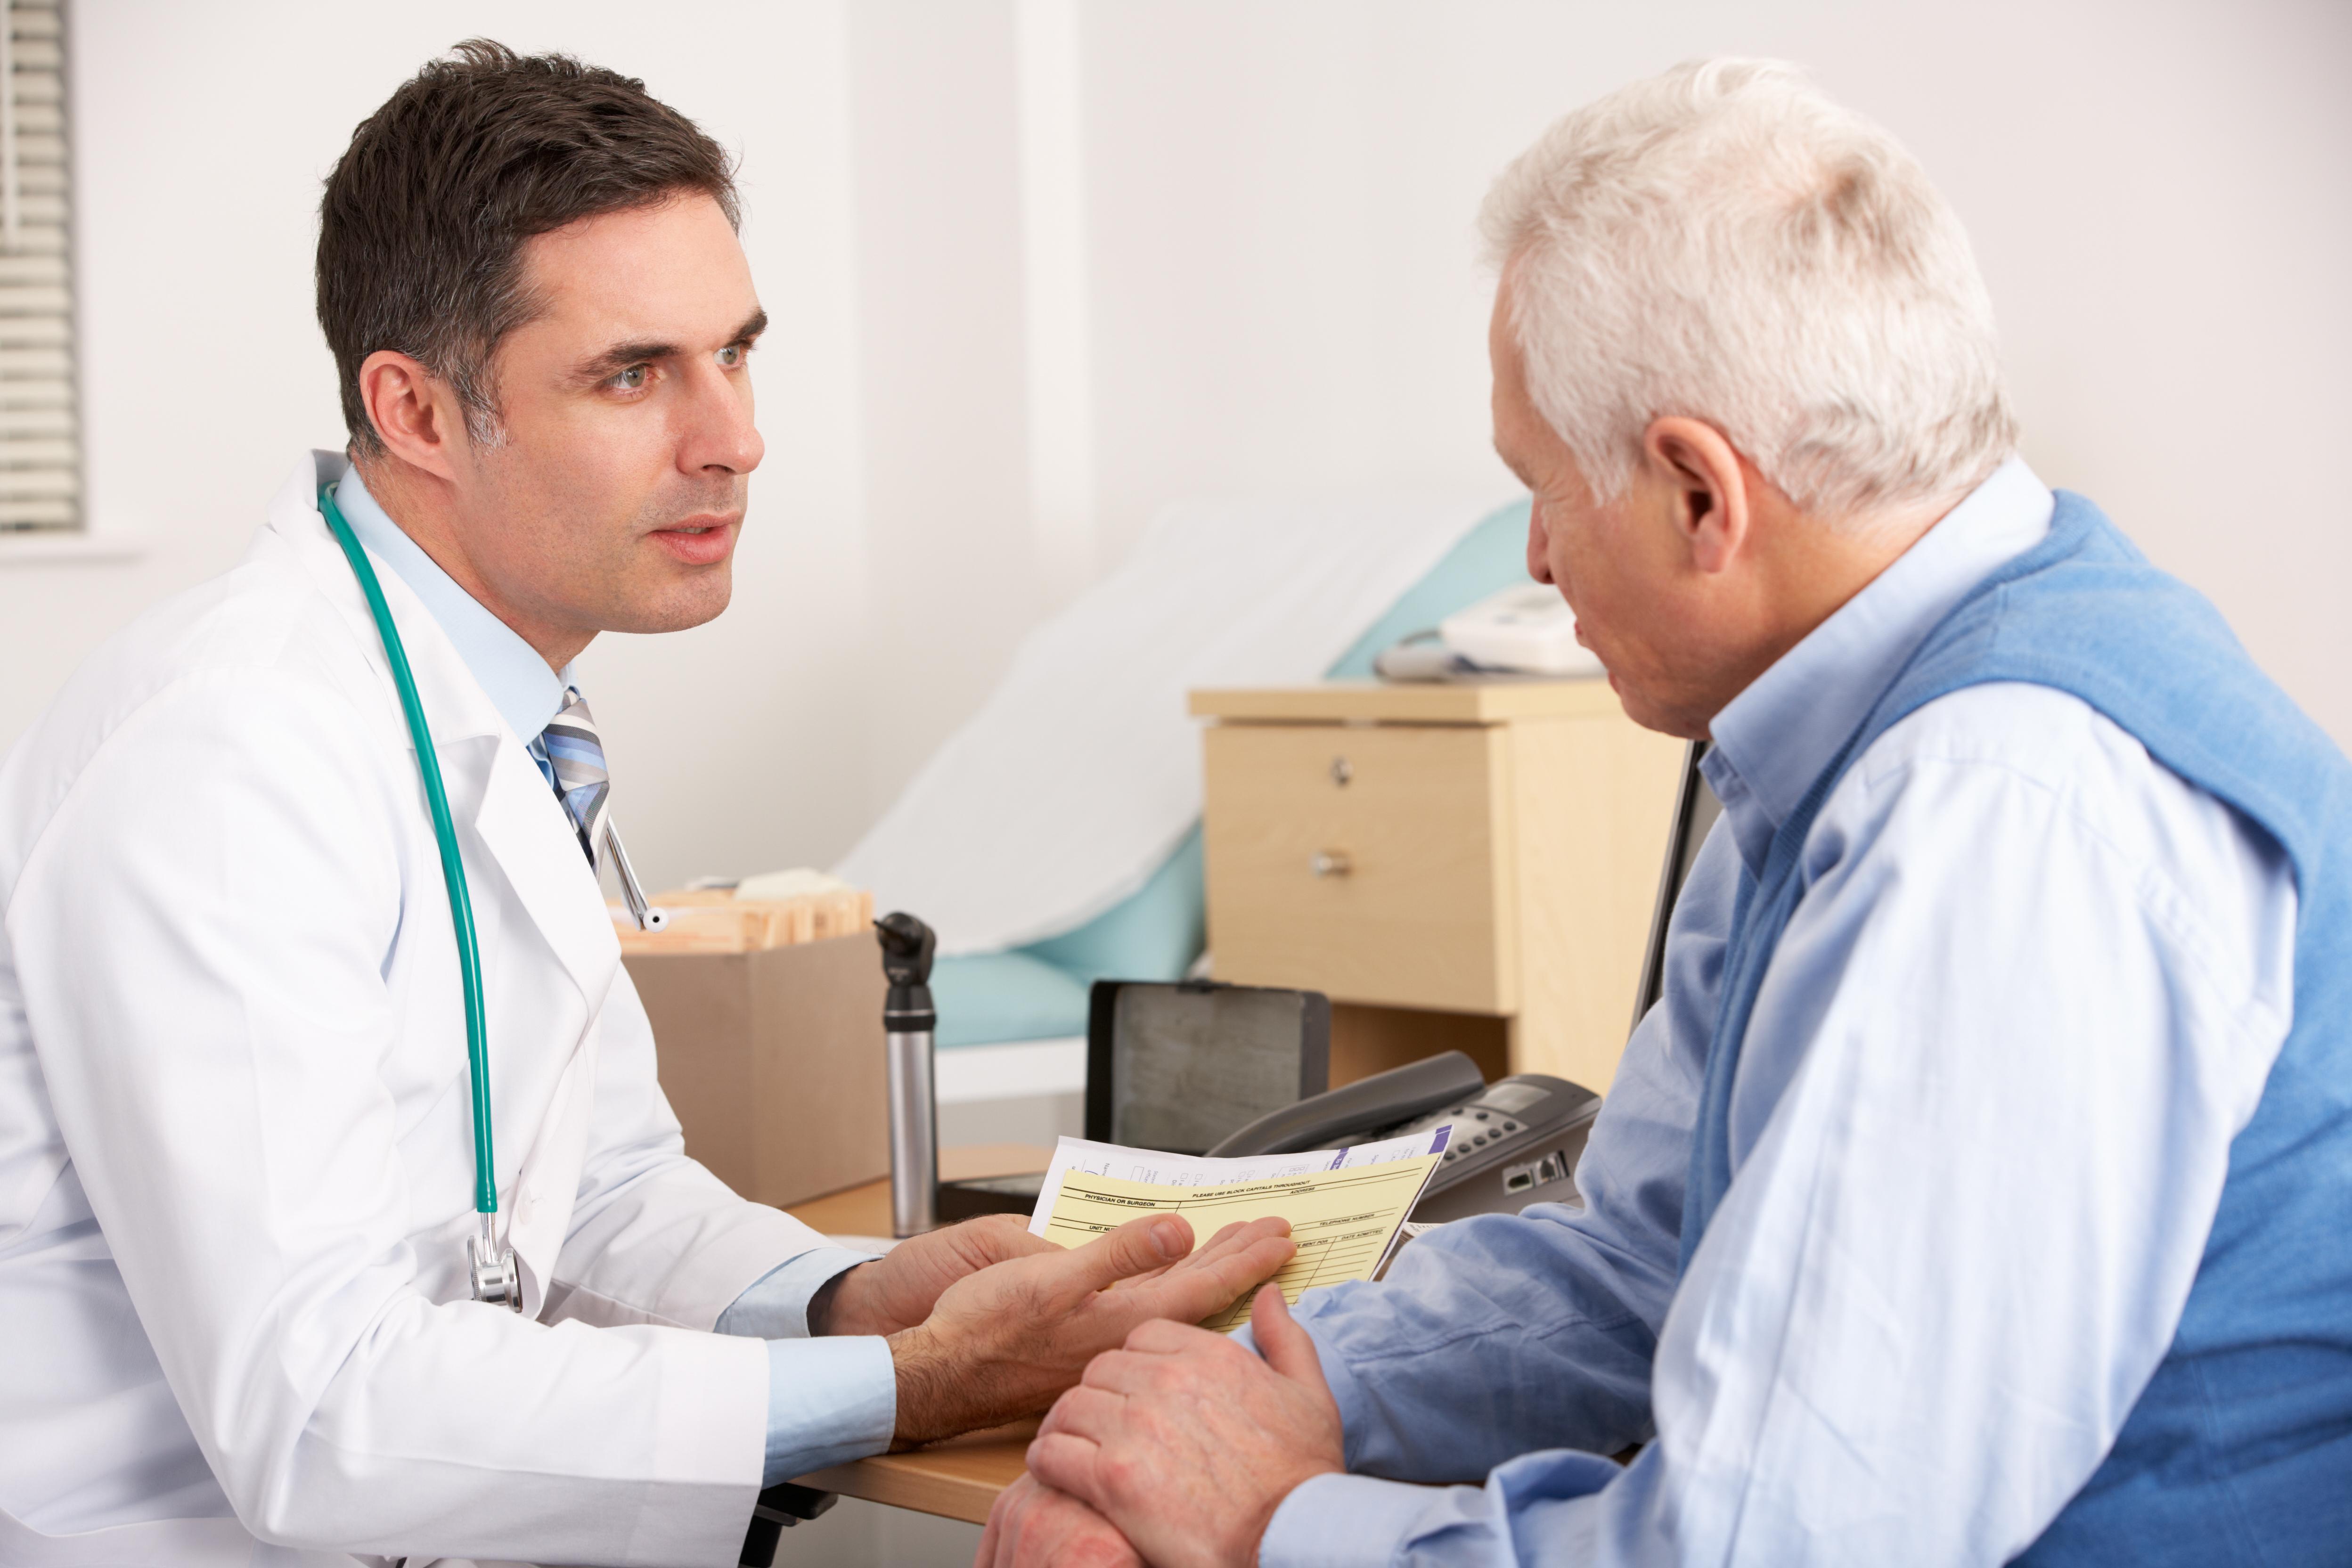 проблема с импотенцией к какому врачу